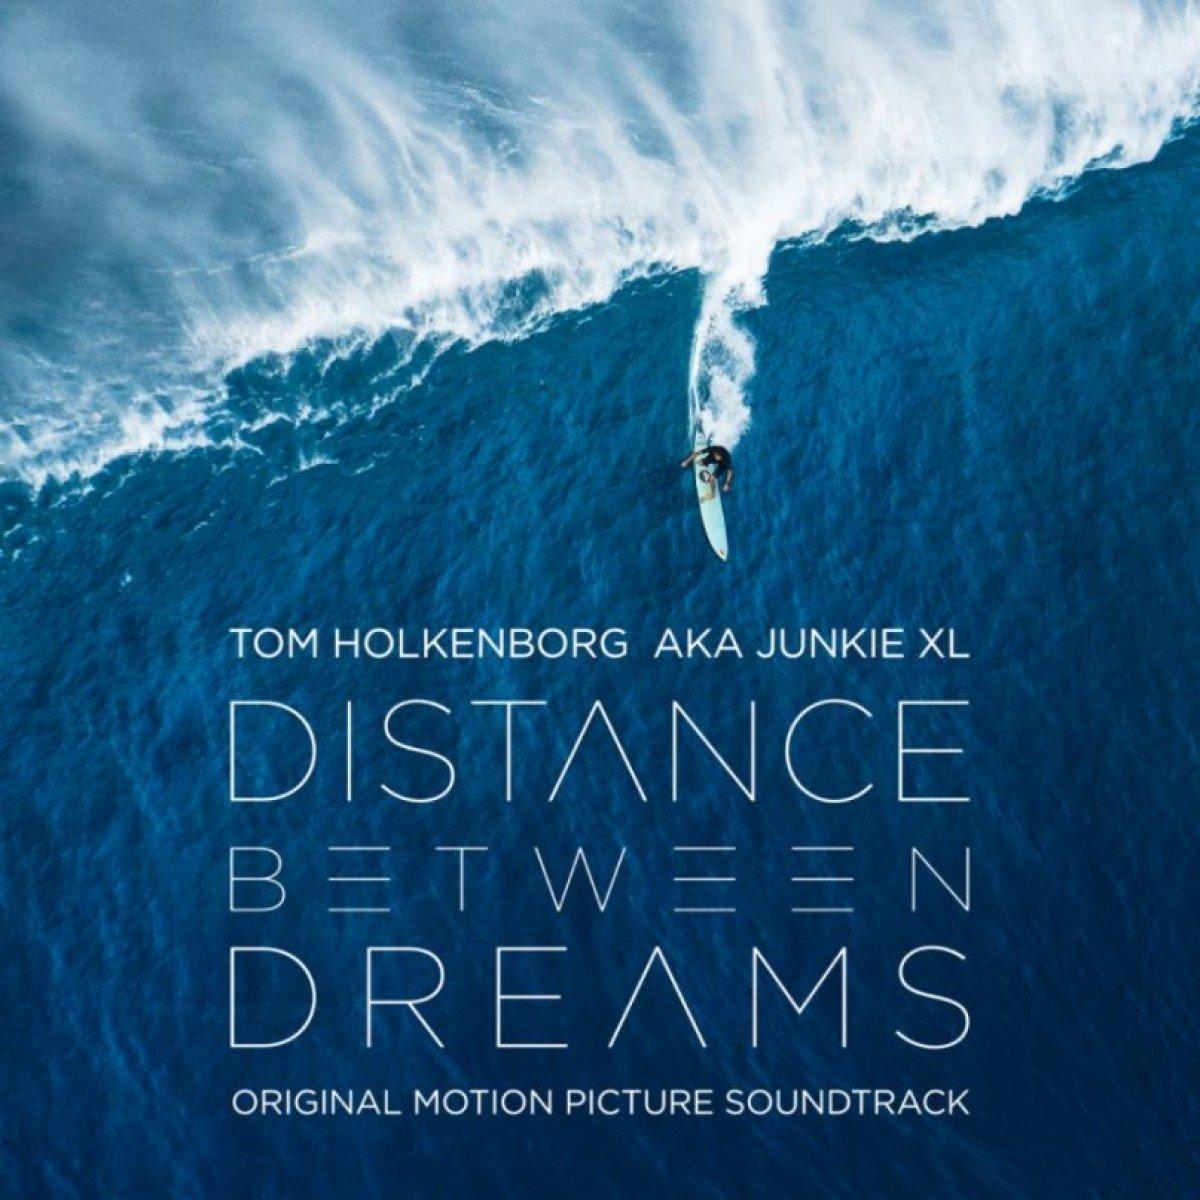 Vinilo : Junkie XL - Distance Between Dreams - Original Motion Picture Soundtrack (Turquoise)